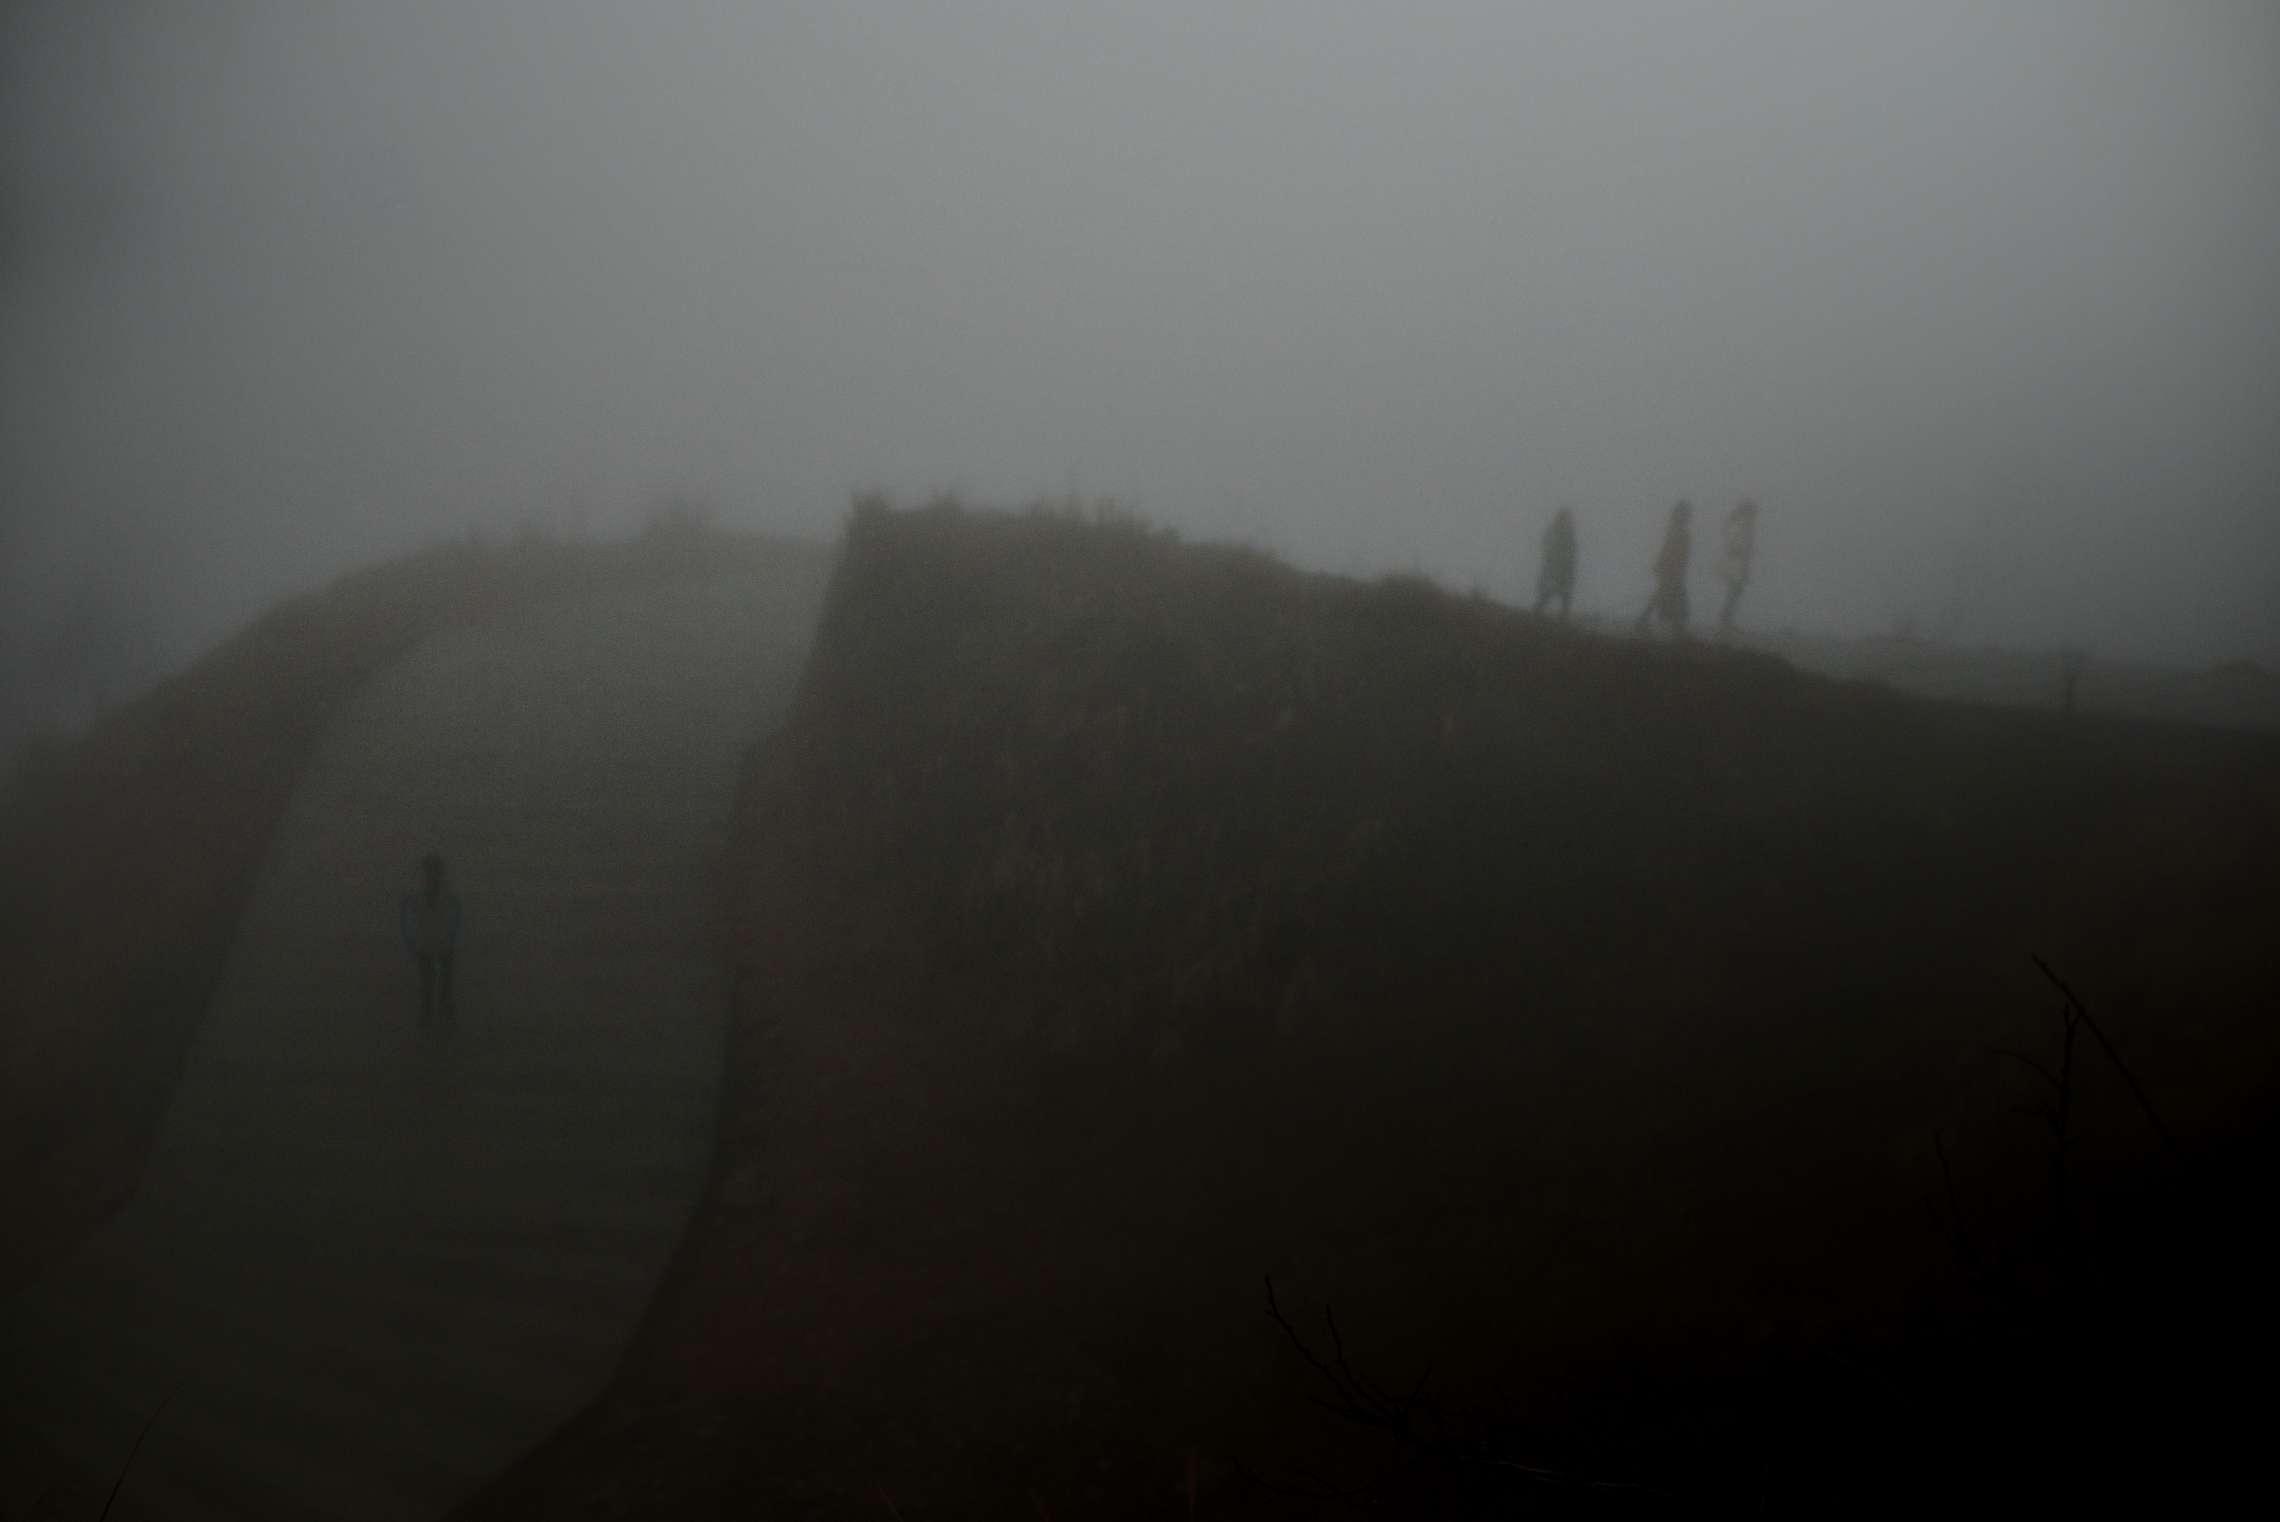 PK-nr: 10968 Kategori: 8, dokumentar utlandDato: 23.02.2015 Tittel: Hun reiser i morgen Hovedtekst: Siden 1978 har Kina opplevd den største folkevandringen i verdenshistorien. Nærmere 160 millioner kinesere har reist fra lutfattige landsbyer for å finne arbeid i byene. I fjellandsbyen Hangsha i Hunan provinsen, står Rong Shi Yu (14) på klippen sammen med barndomsvenninnene sine, hånd i hånd på høye hæler, mens de blåser rosa bobler. De synger om gutter de ennå ikke vet hvem er, som skal gjøre dem lykkelige, og kanskje velstående. De synger om å høre til her i Lu Dong-fjellene, men i morgen pakker de trillekoffertene, reiser fra alt de kjenner, mot kysten og storbyene. Der venter Kinas mest effektive fabrikker med ti kroner i timen, ti timer hver dag. Men der venter også mulighetene for økonomisk uavhengighet. Bildetekst: